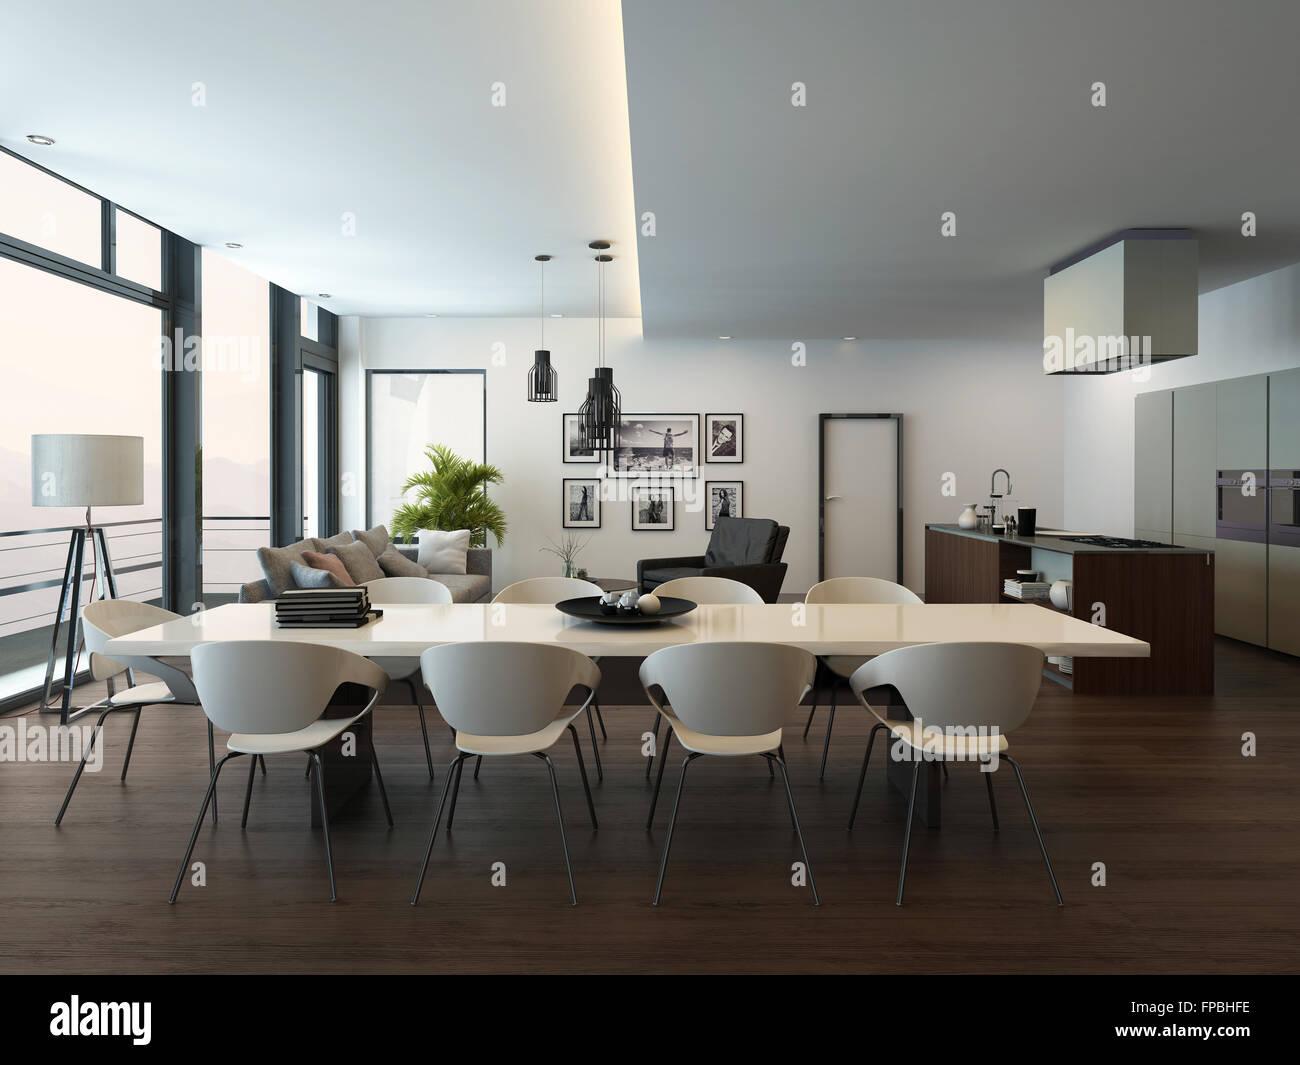 Luxus Modernen Wohnung Wohnzimmer Interieur Mit Parkettboden, Weißen  Esstisch, Wohnbereich Und Küche Mit Einer Kochinsel. 3D Rendering.